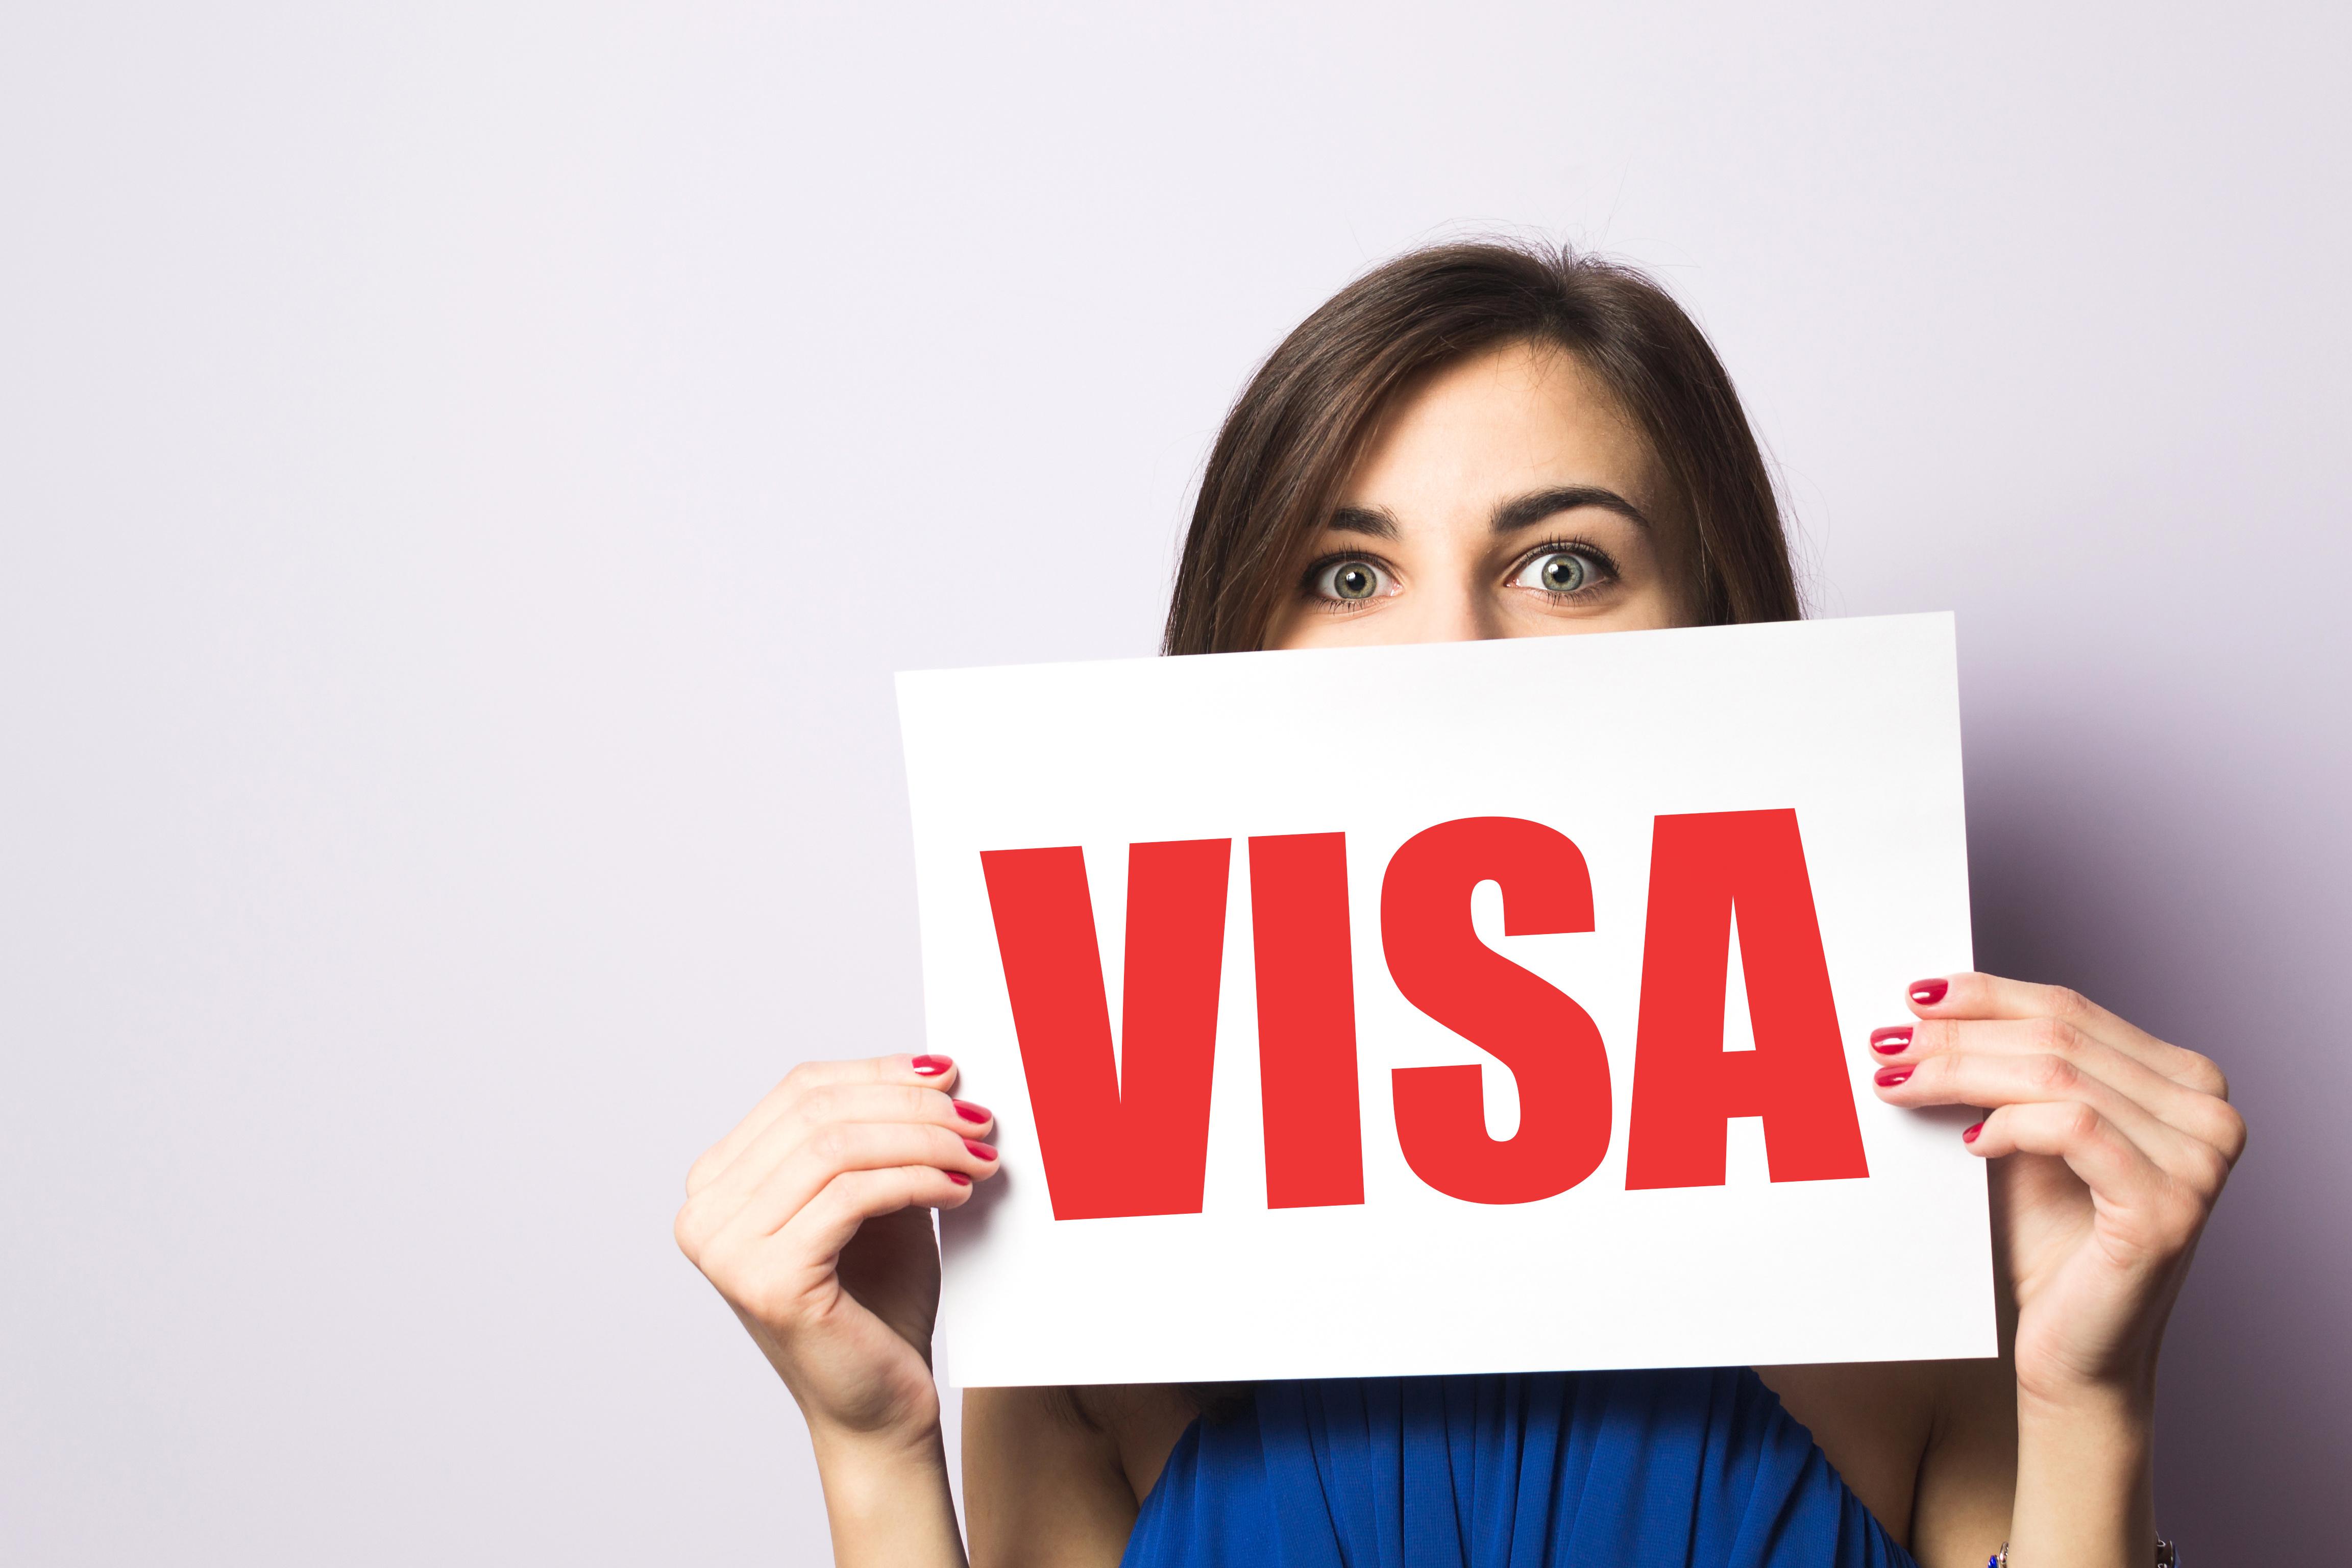 ビザの看板を持つ女性